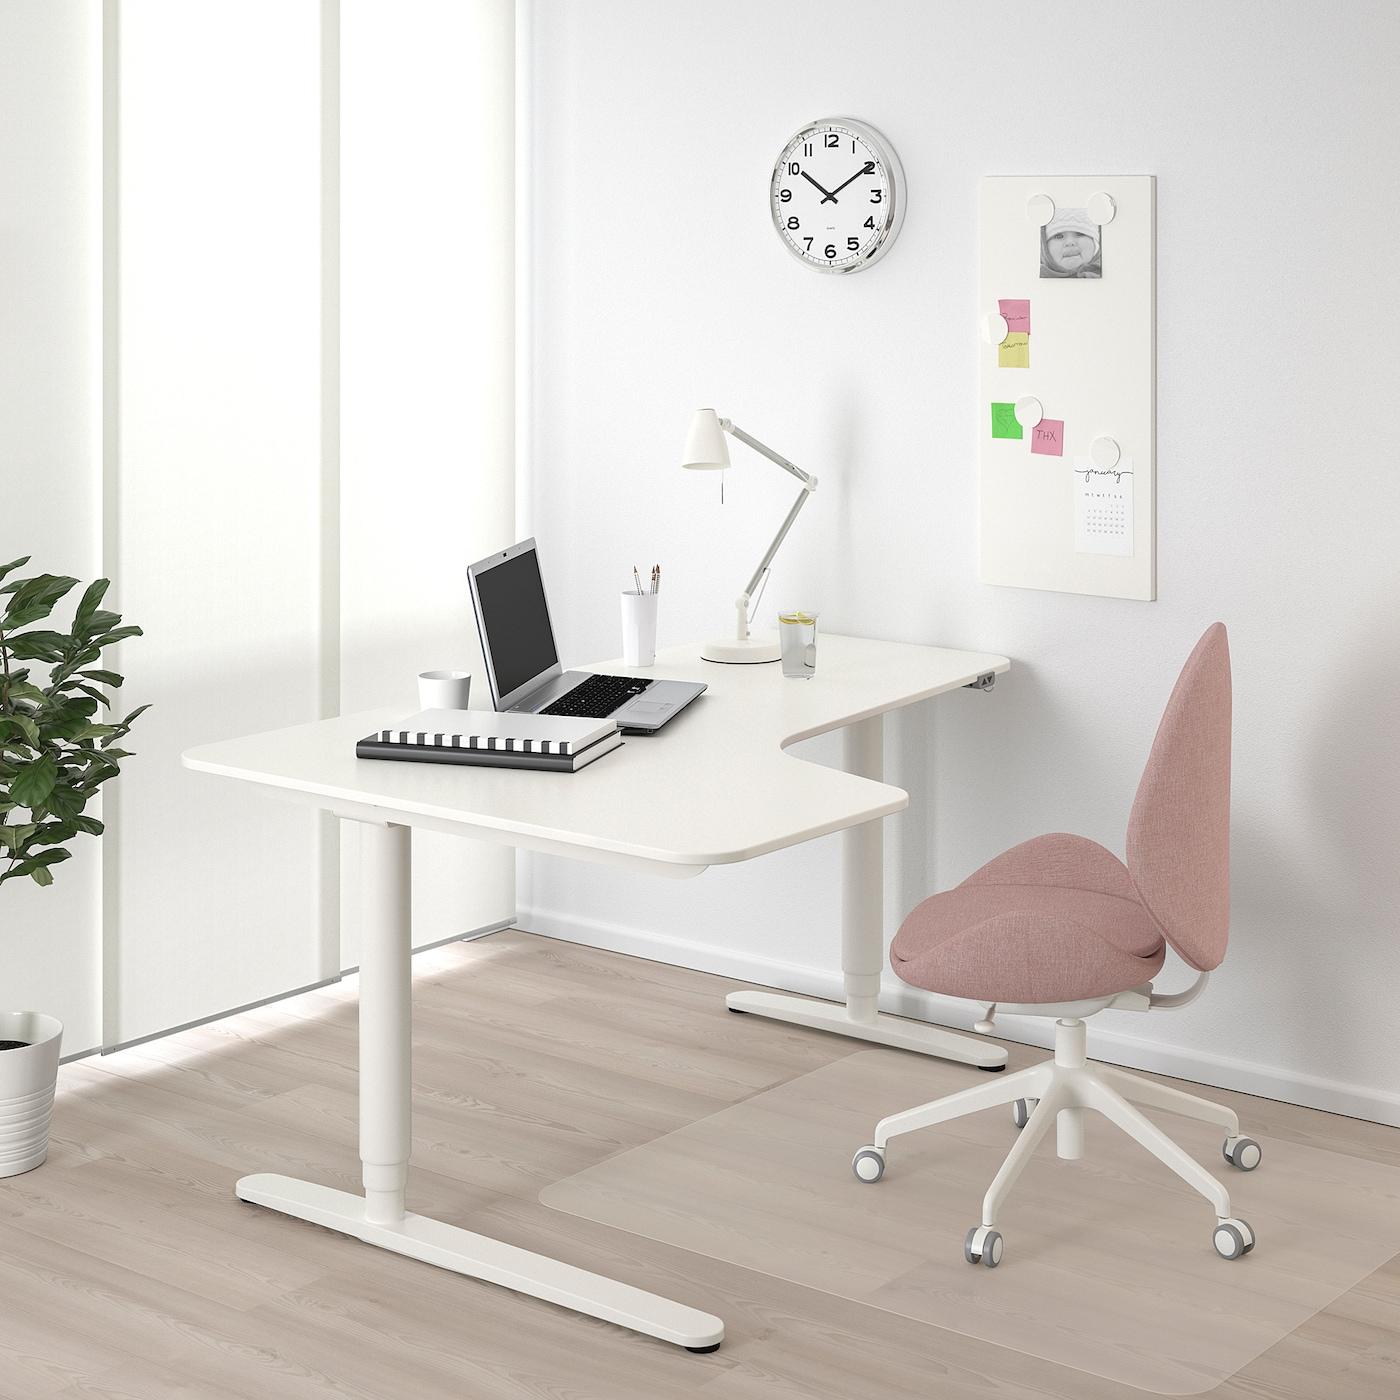 BEKANT مكتب زاوية، الجلوس يساراً/وقوف, أبيض, 160x110 سم